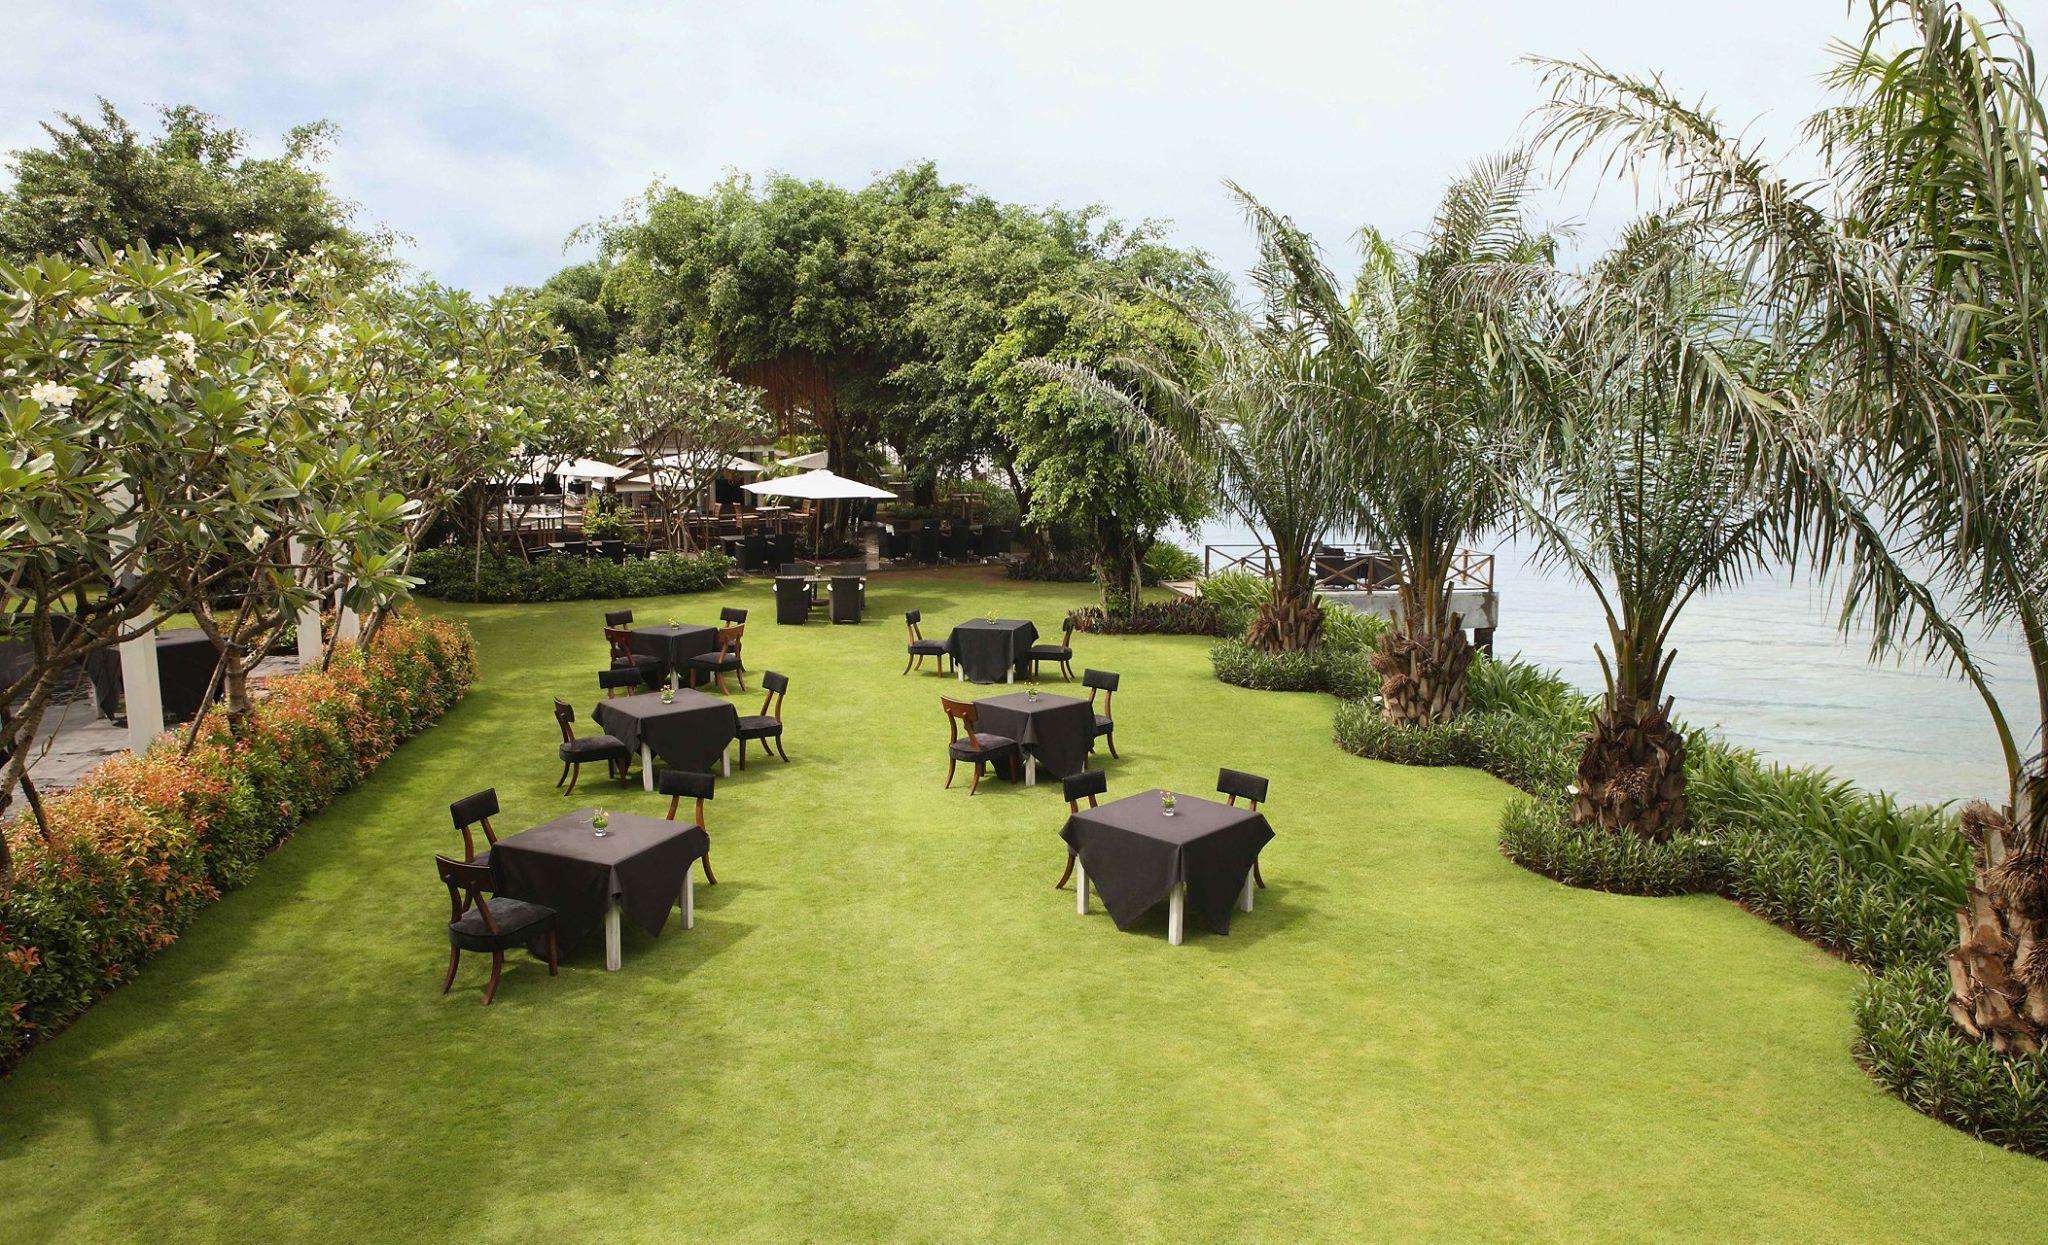 Thảo Điền Village - Tiệc cưới ngoài trời lãng mạn